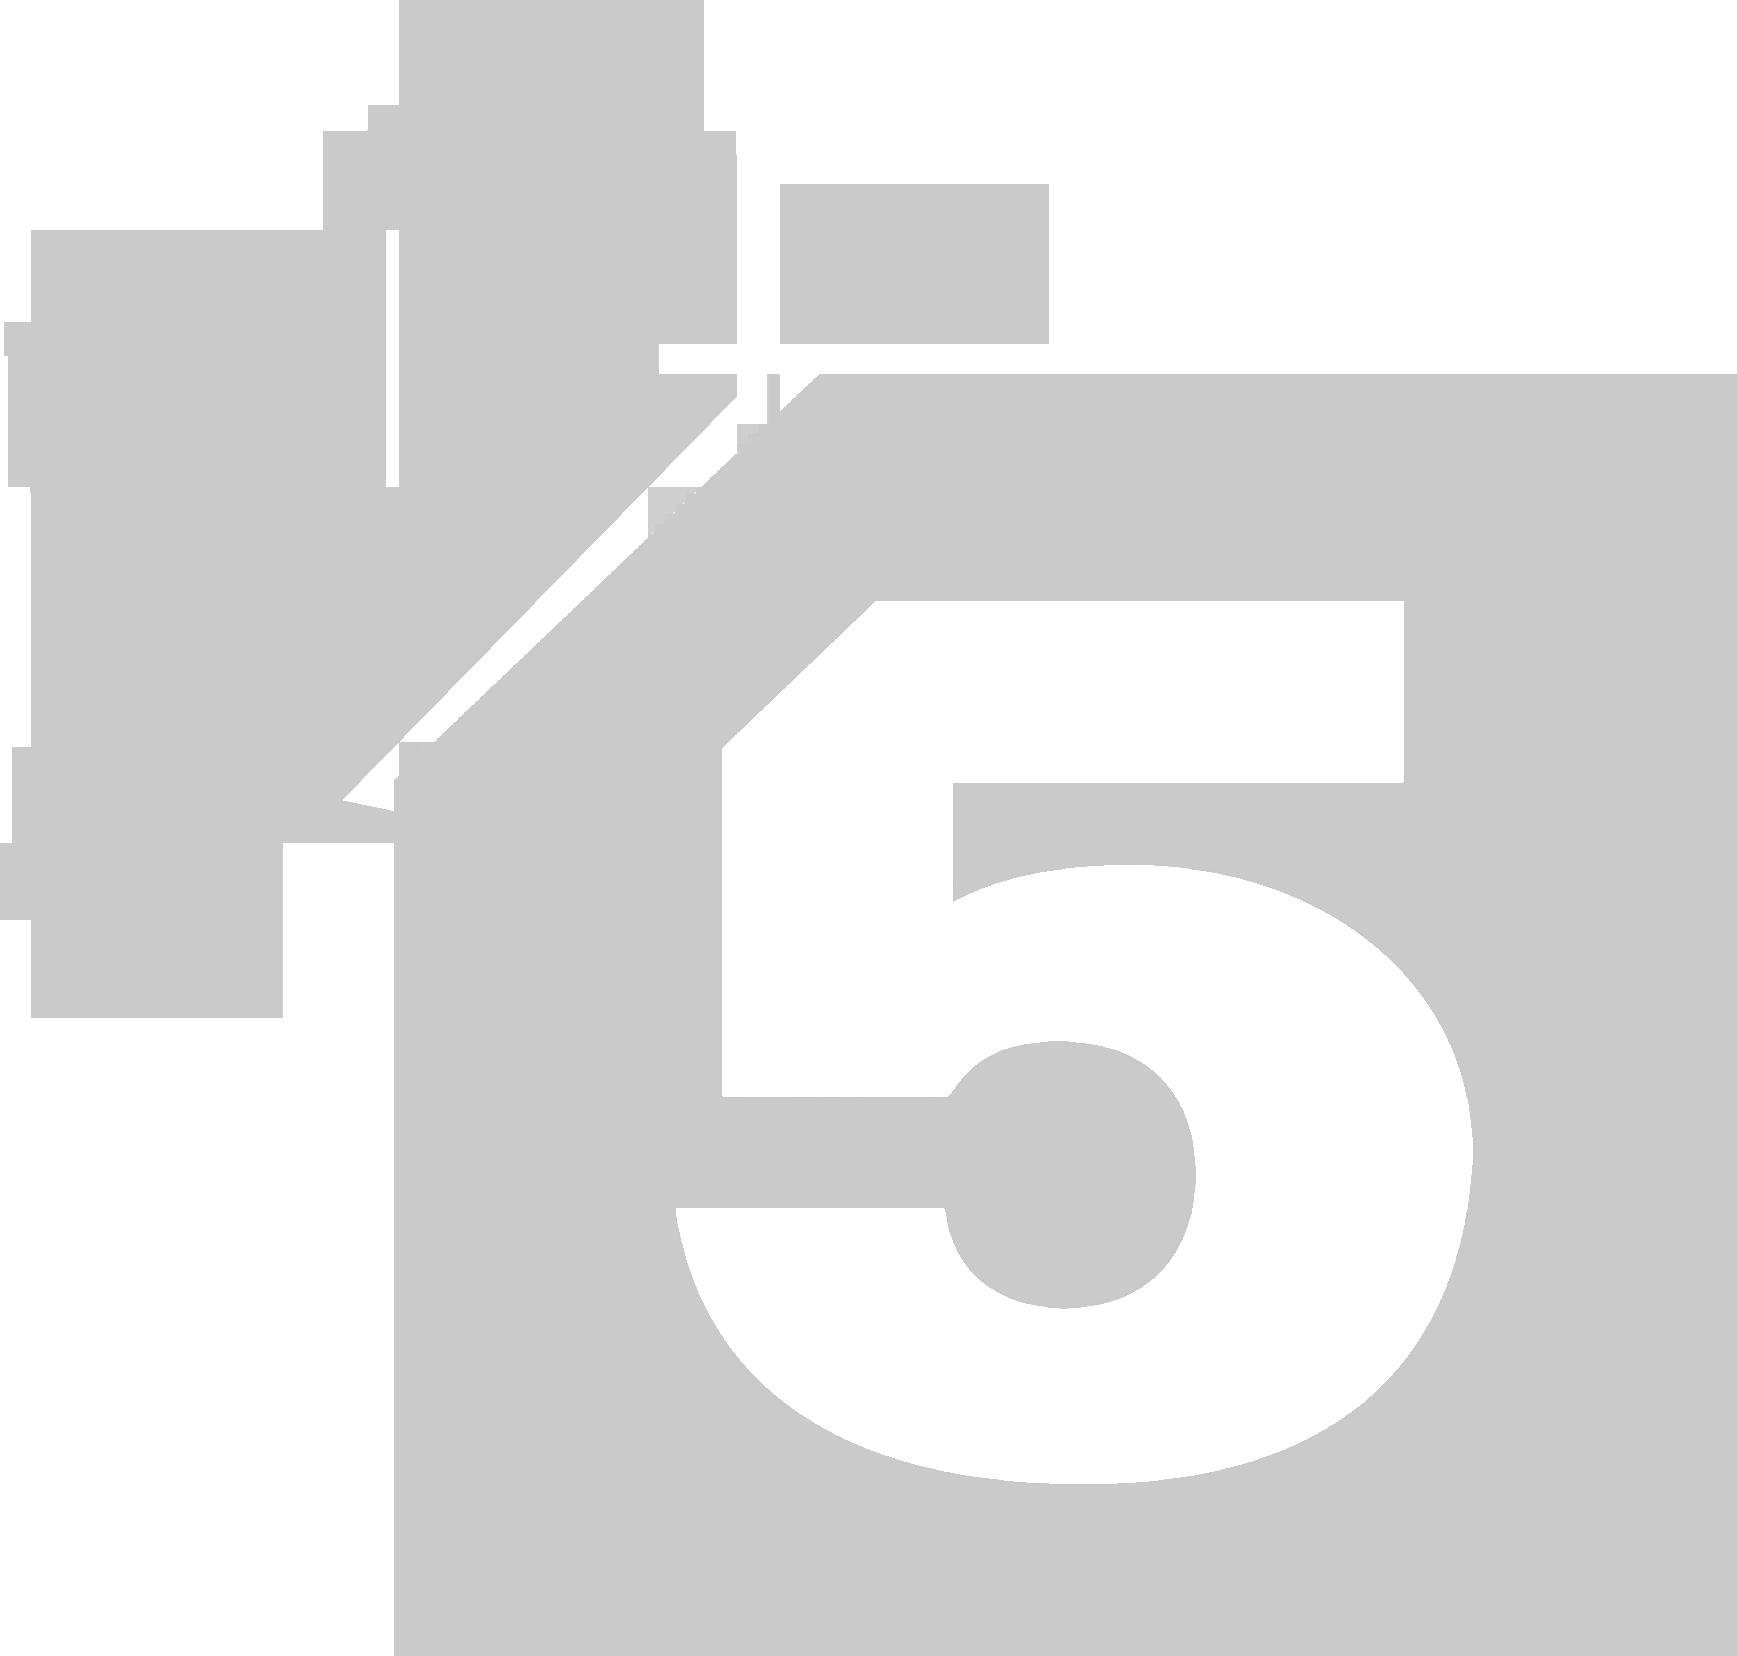 5kanalnewyear2004-2005